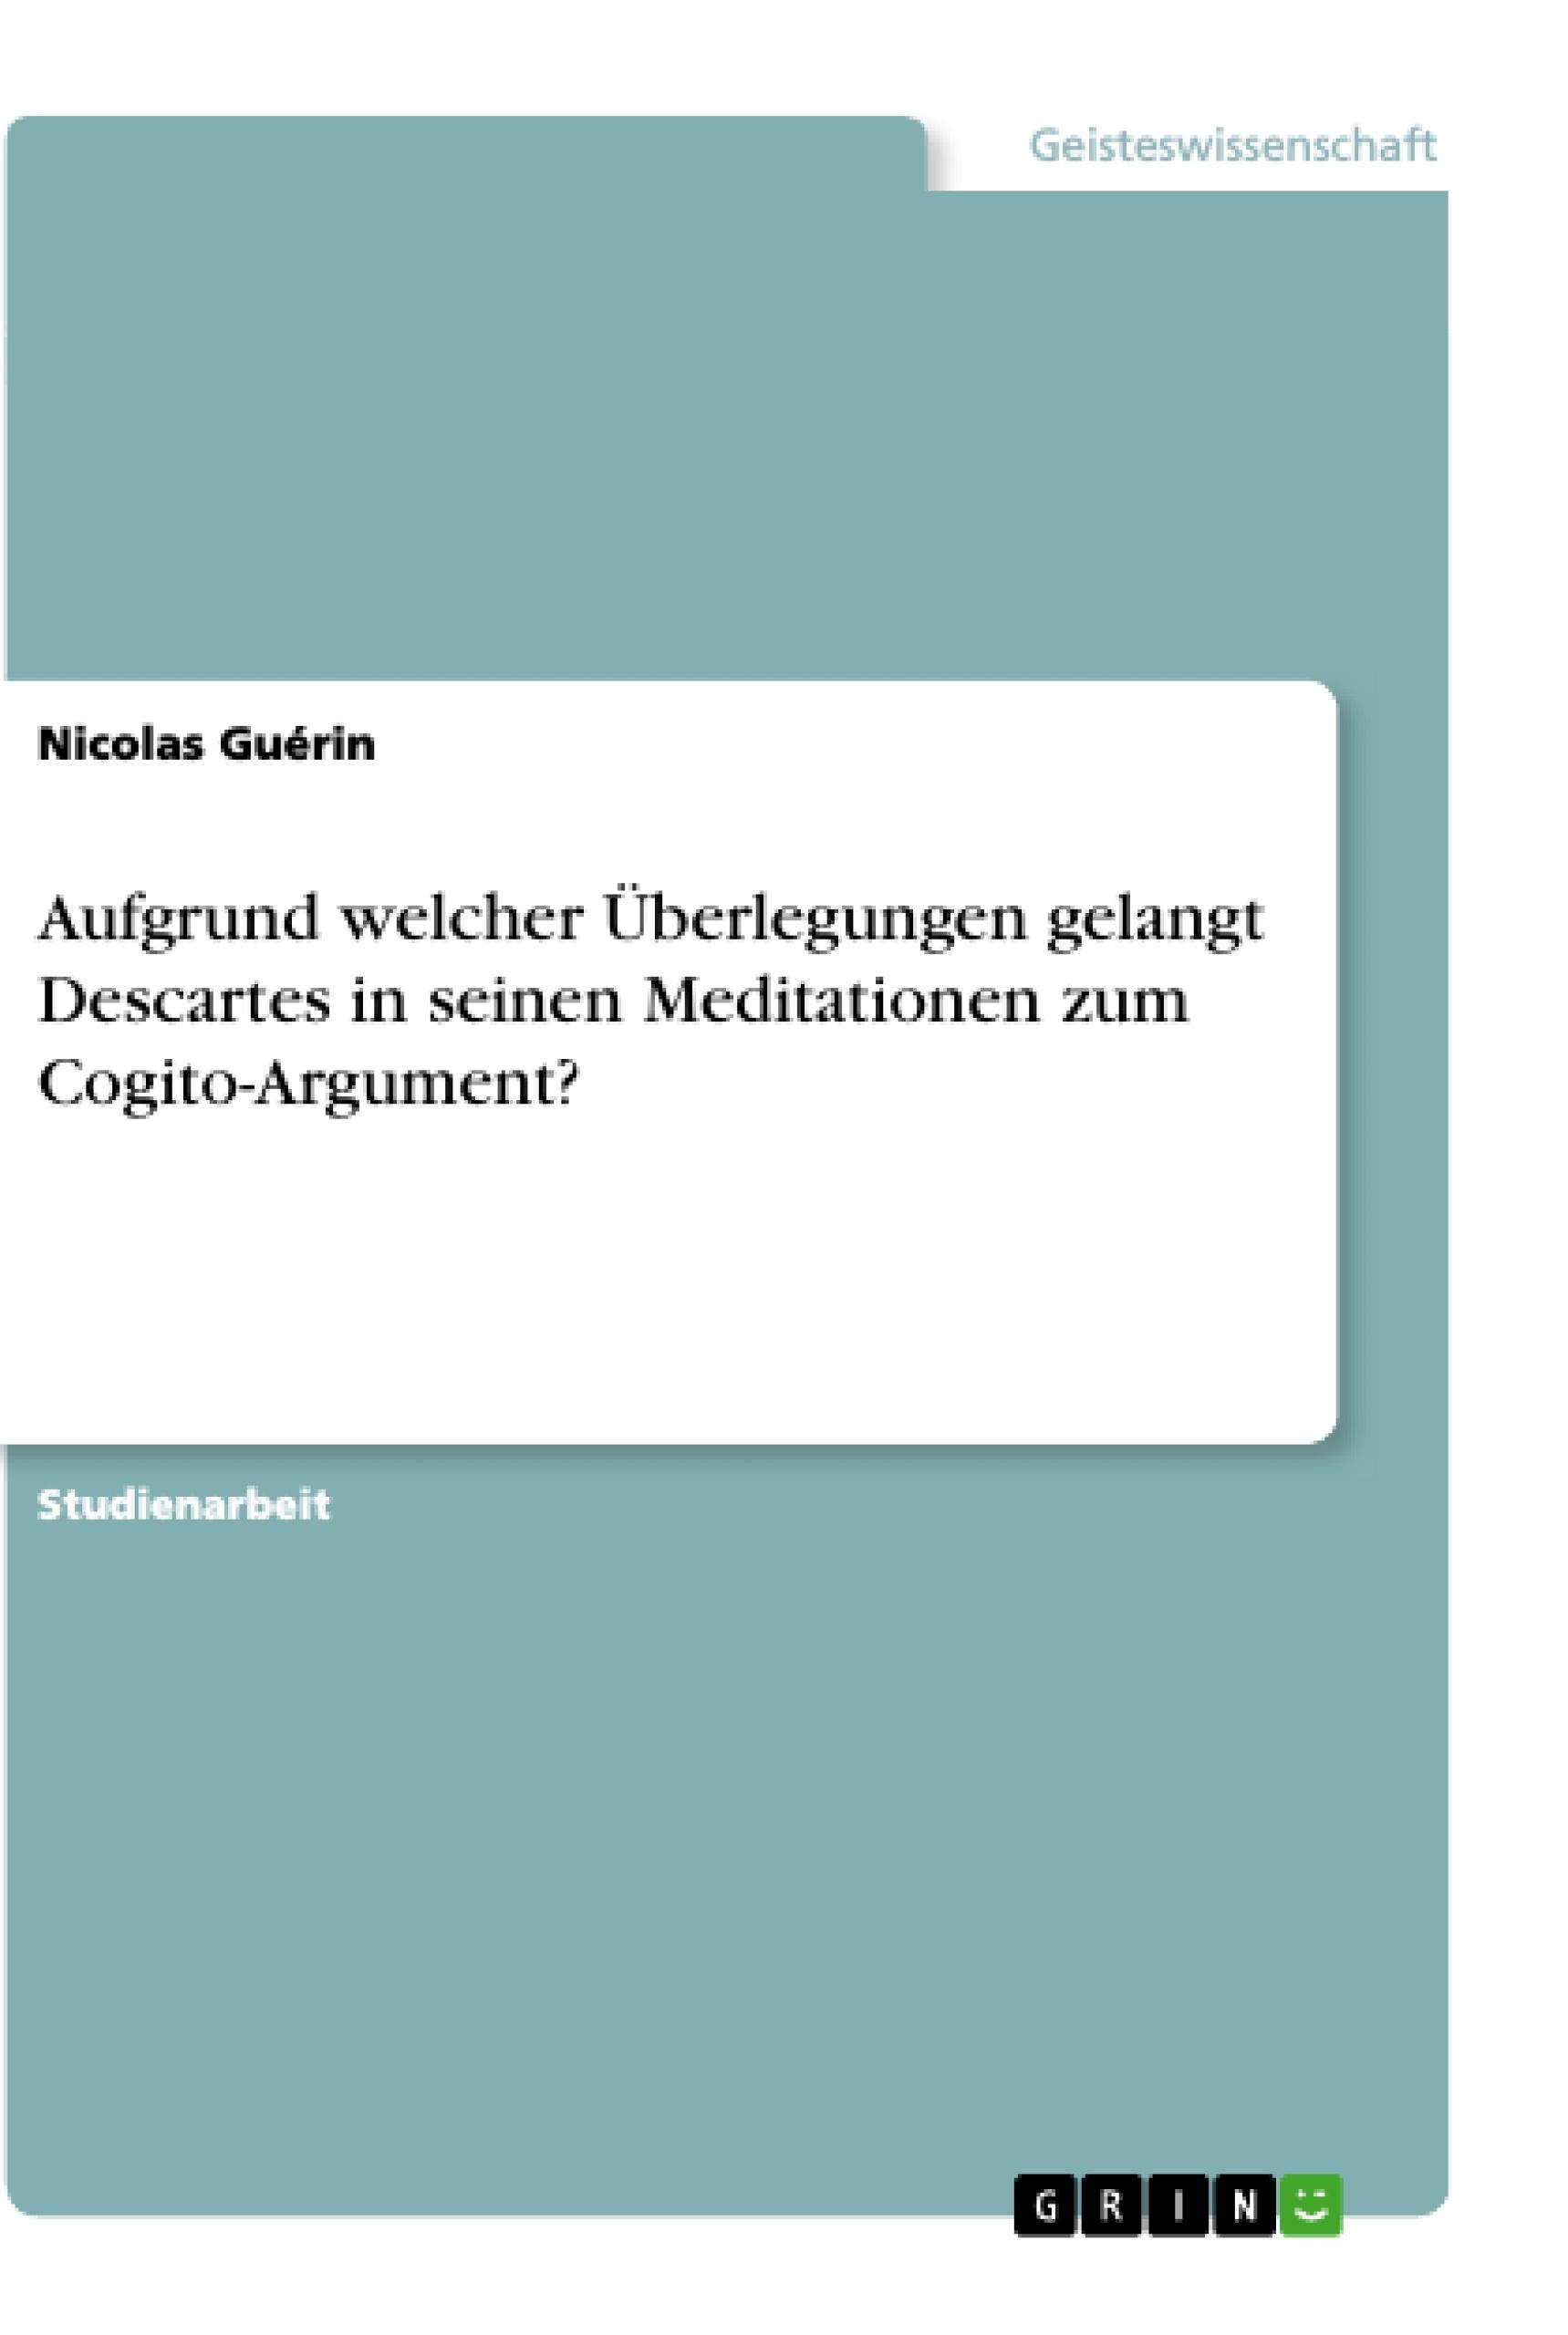 Titel: Aufgrund welcher Überlegungen gelangt Descartes in seinen Meditationen zum Cogito-Argument?